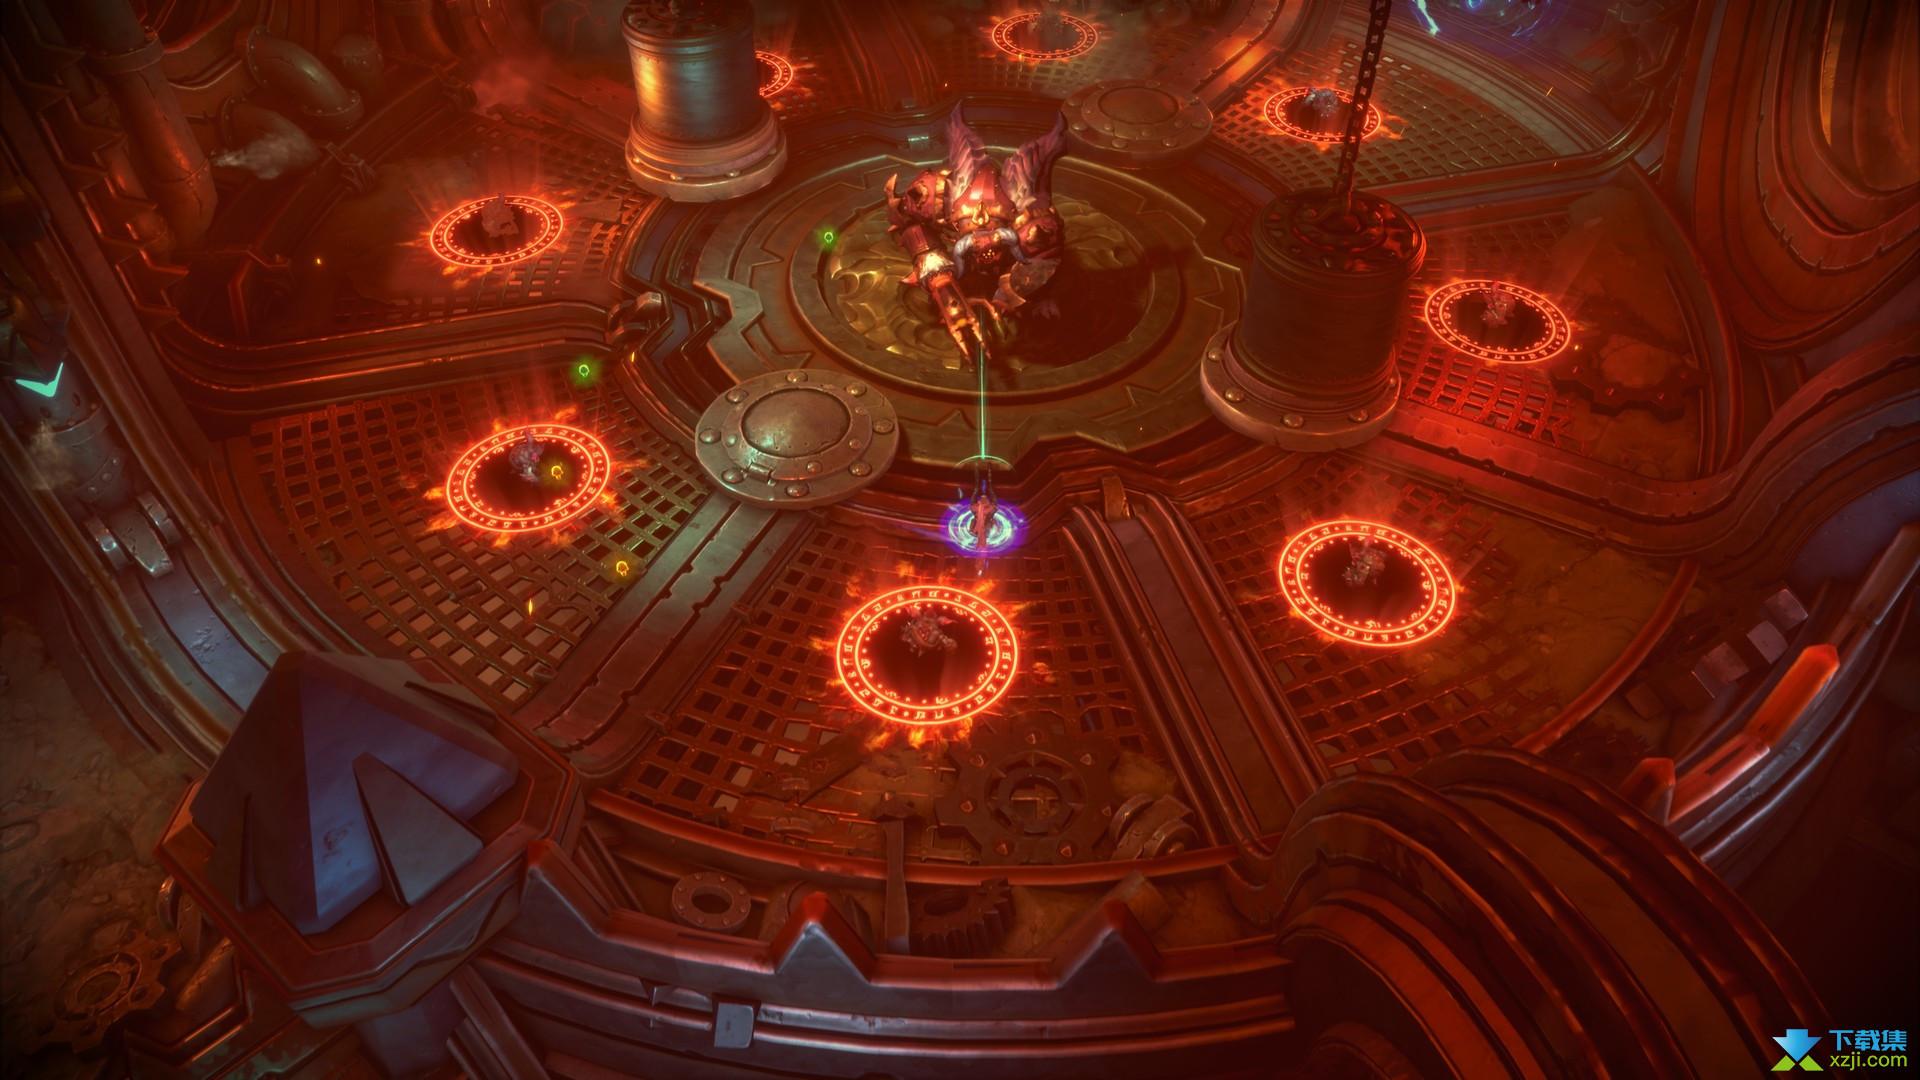 暗黑血统创世纪游戏界面1